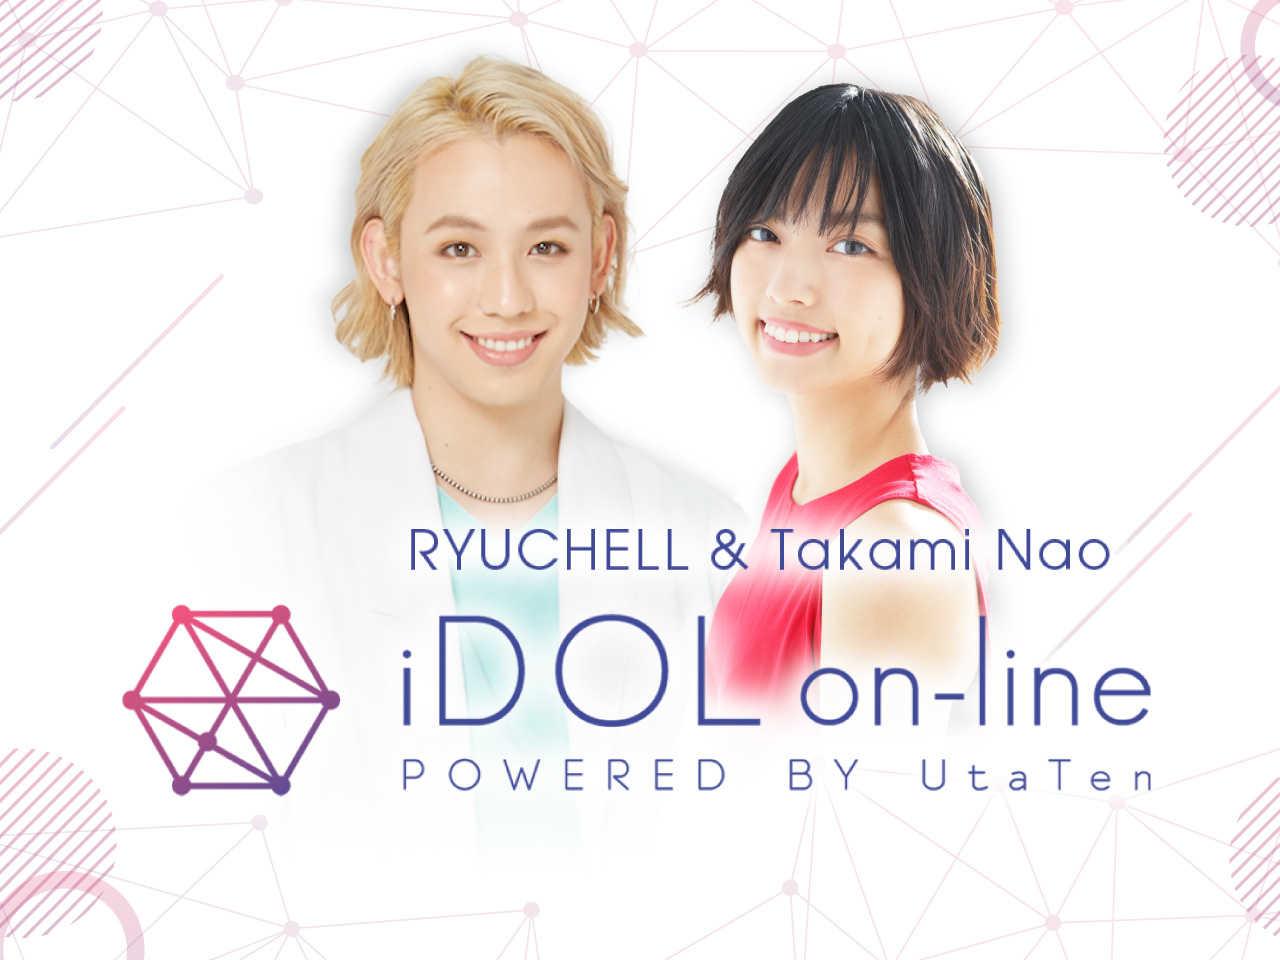 『りゅうちぇると高見奈央のiDOL on-line !』第6回のゲストは真っ白なキャンバス&虹色の飛行少女!